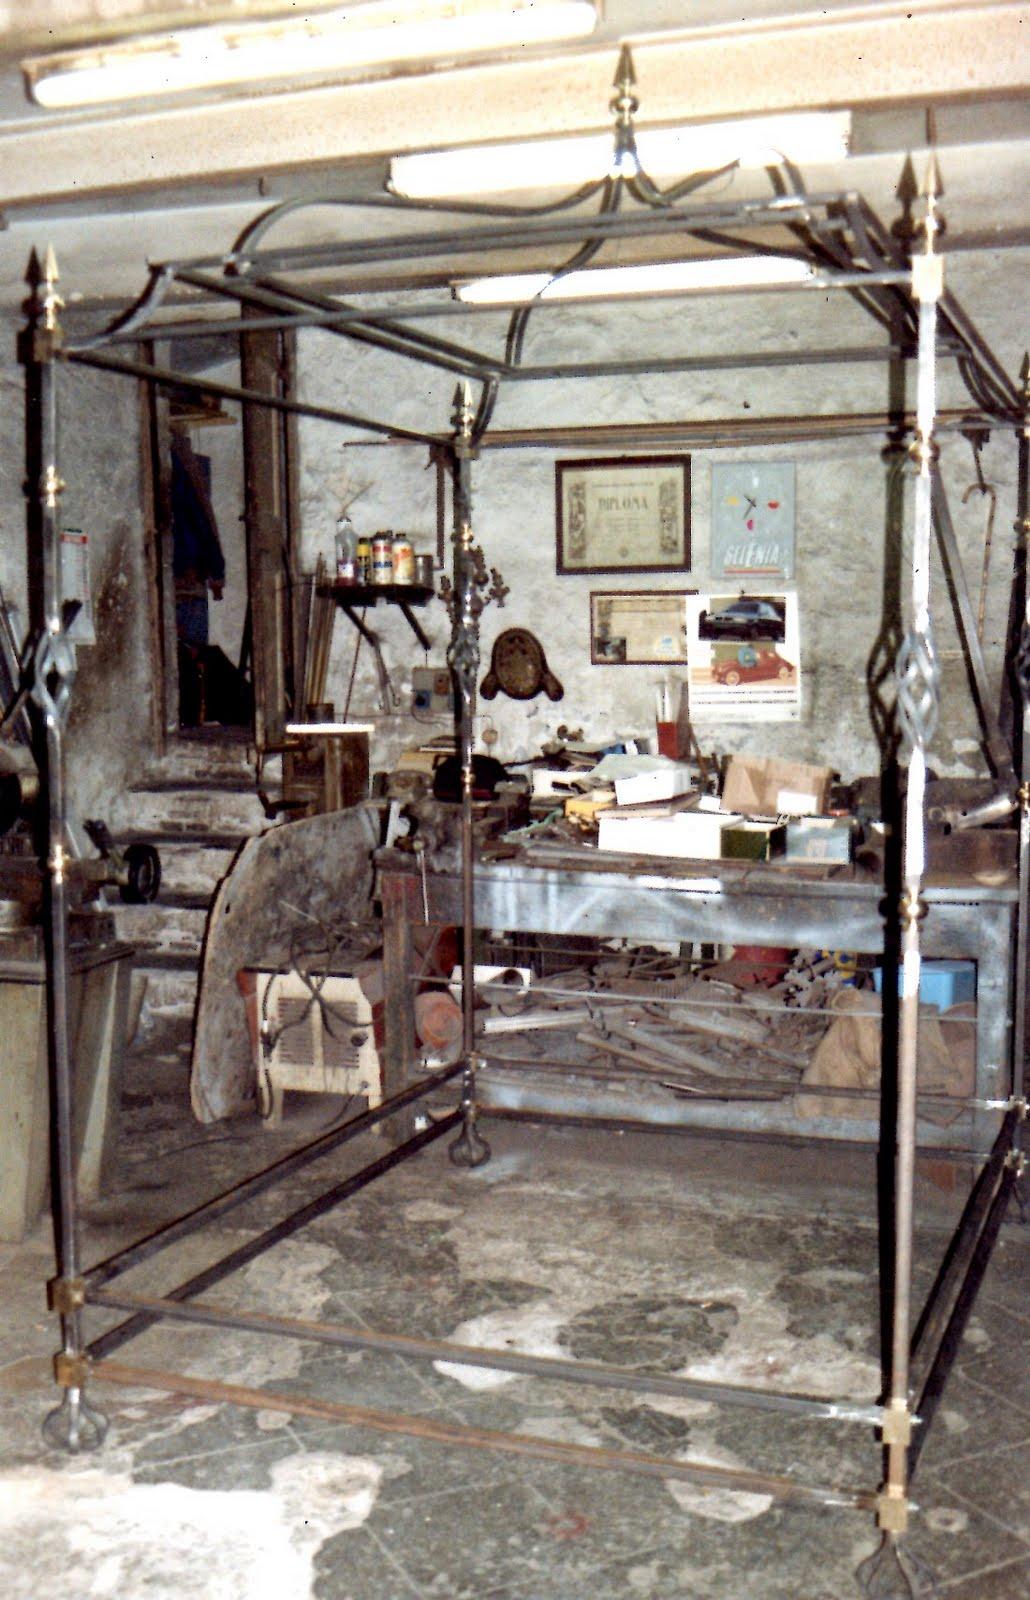 Ditta brogani maurizio lavori in ferro battuto e restauri in ferro ottone ghisa e alpacca - Divano ferro battuto antico ...